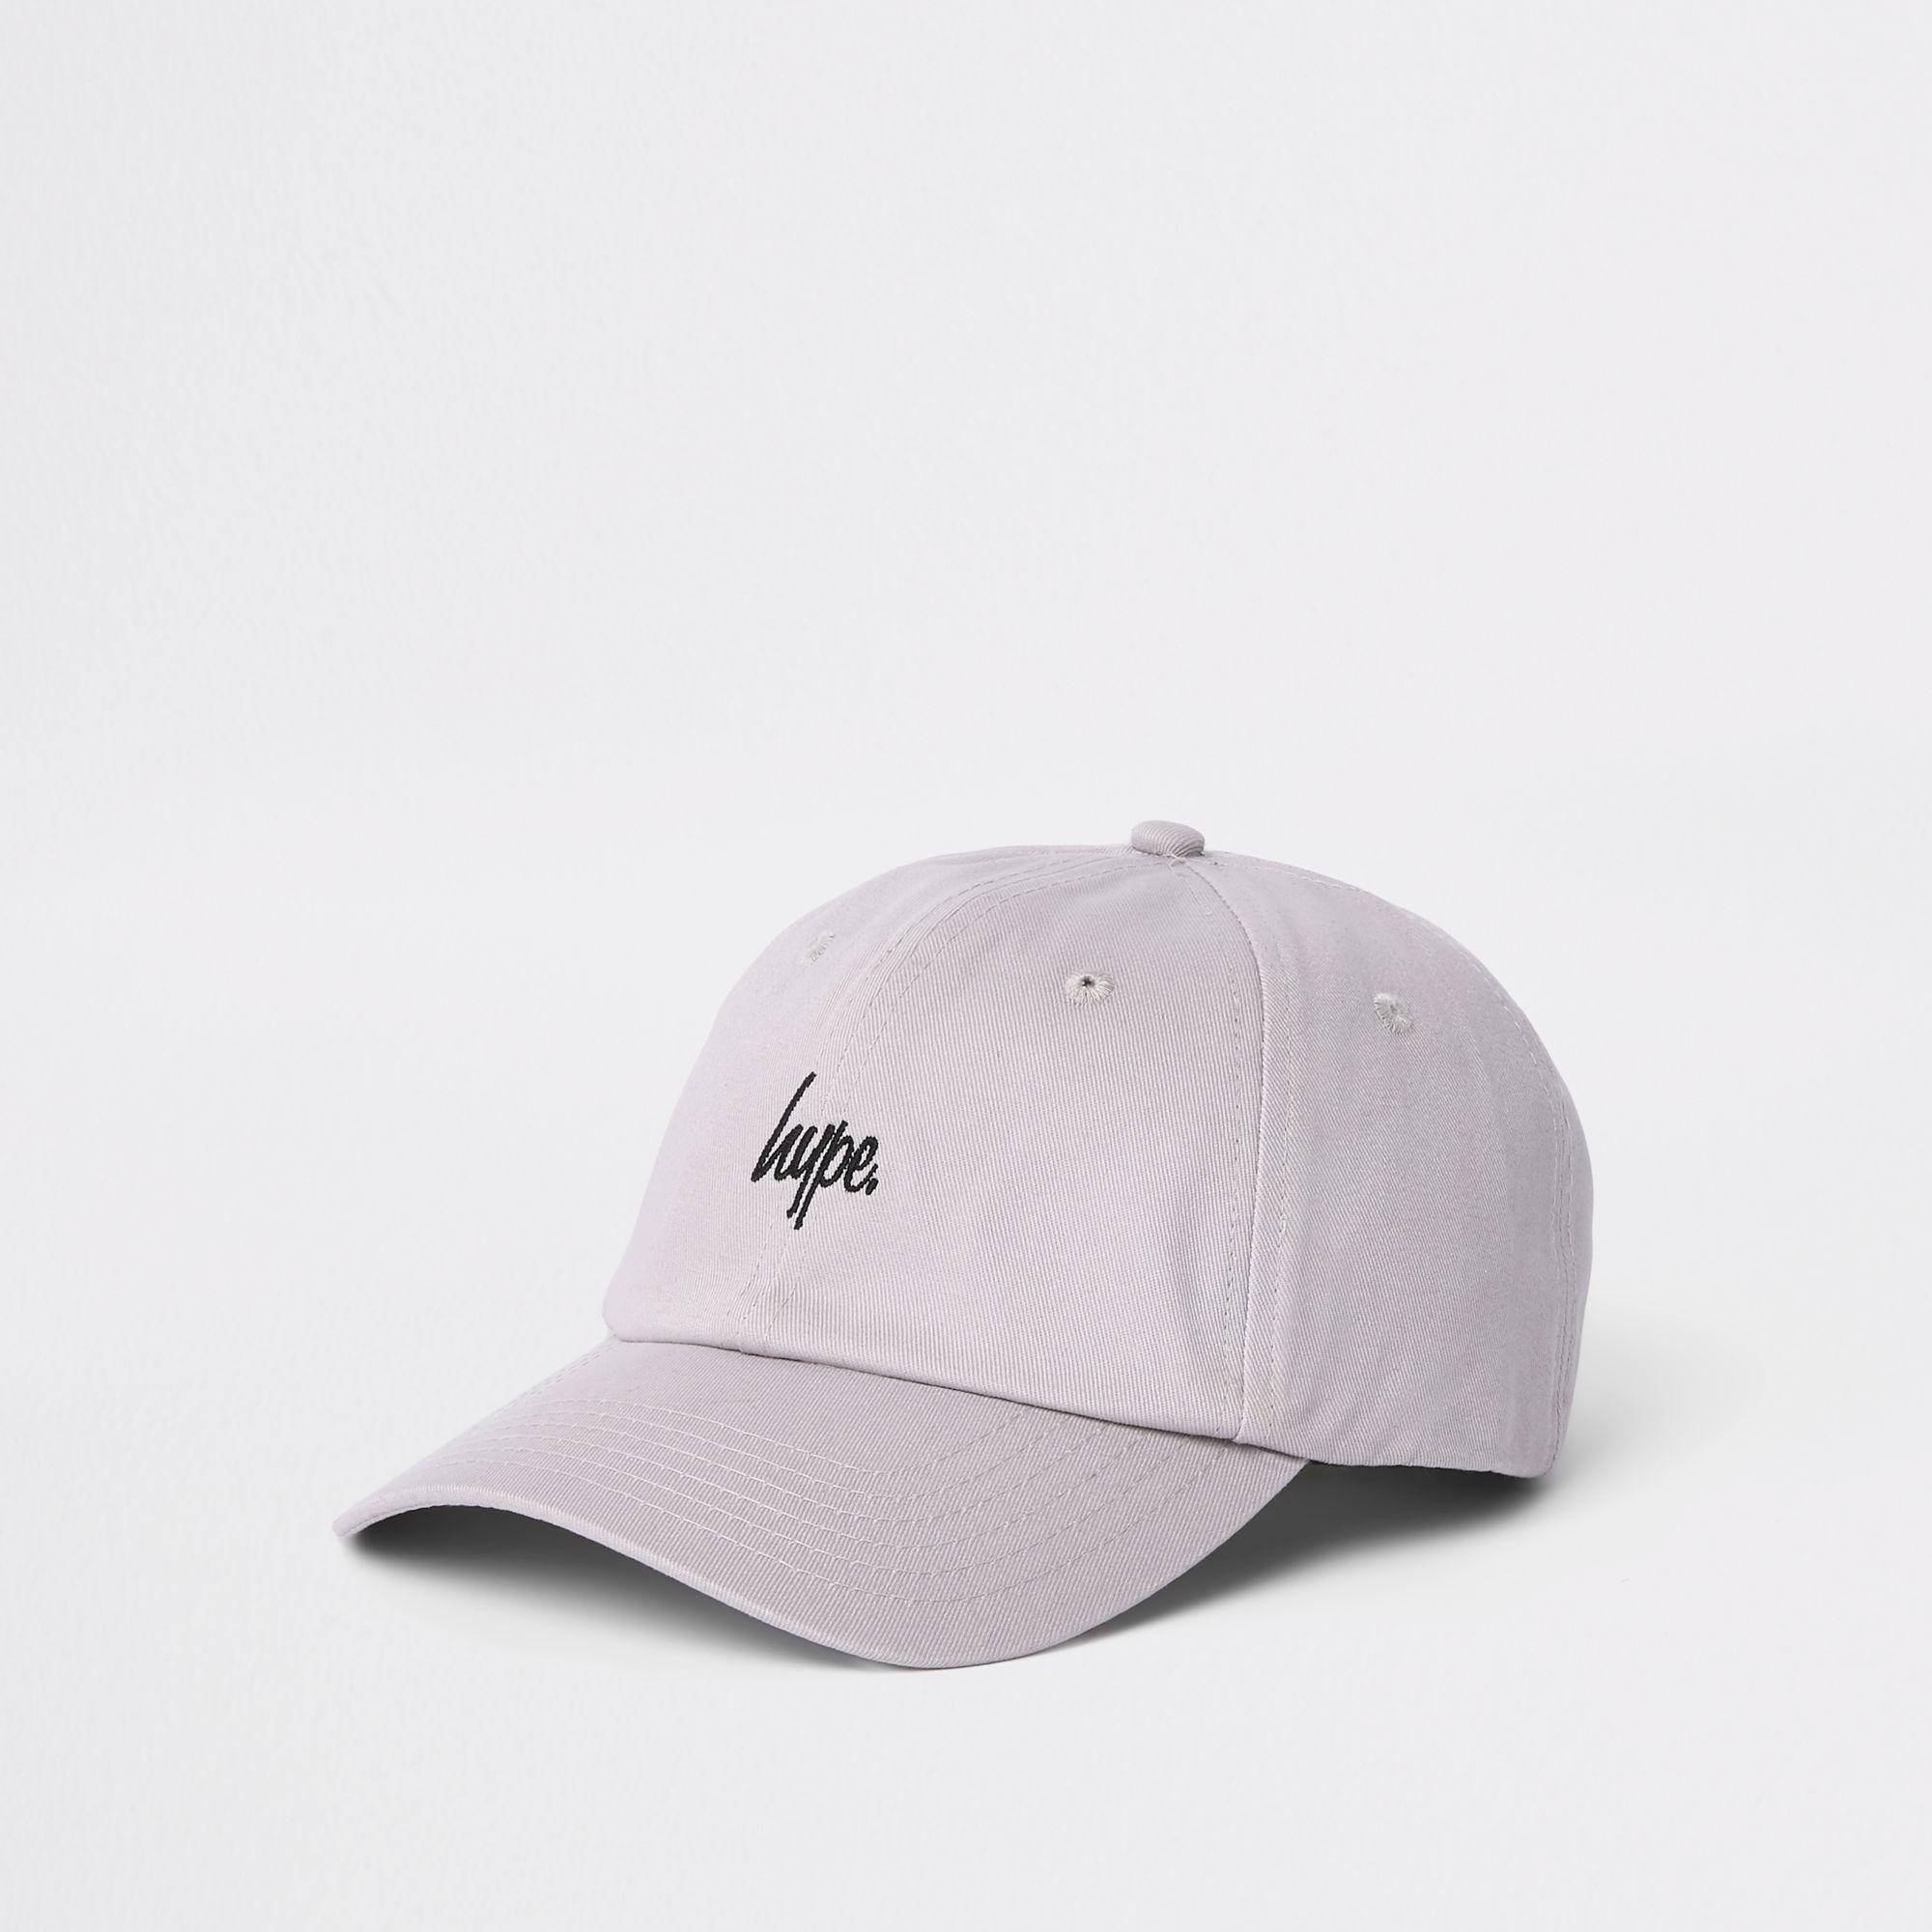 Lyst - Hype Grey Baseball Cap in Gray for Men 68610b34e5